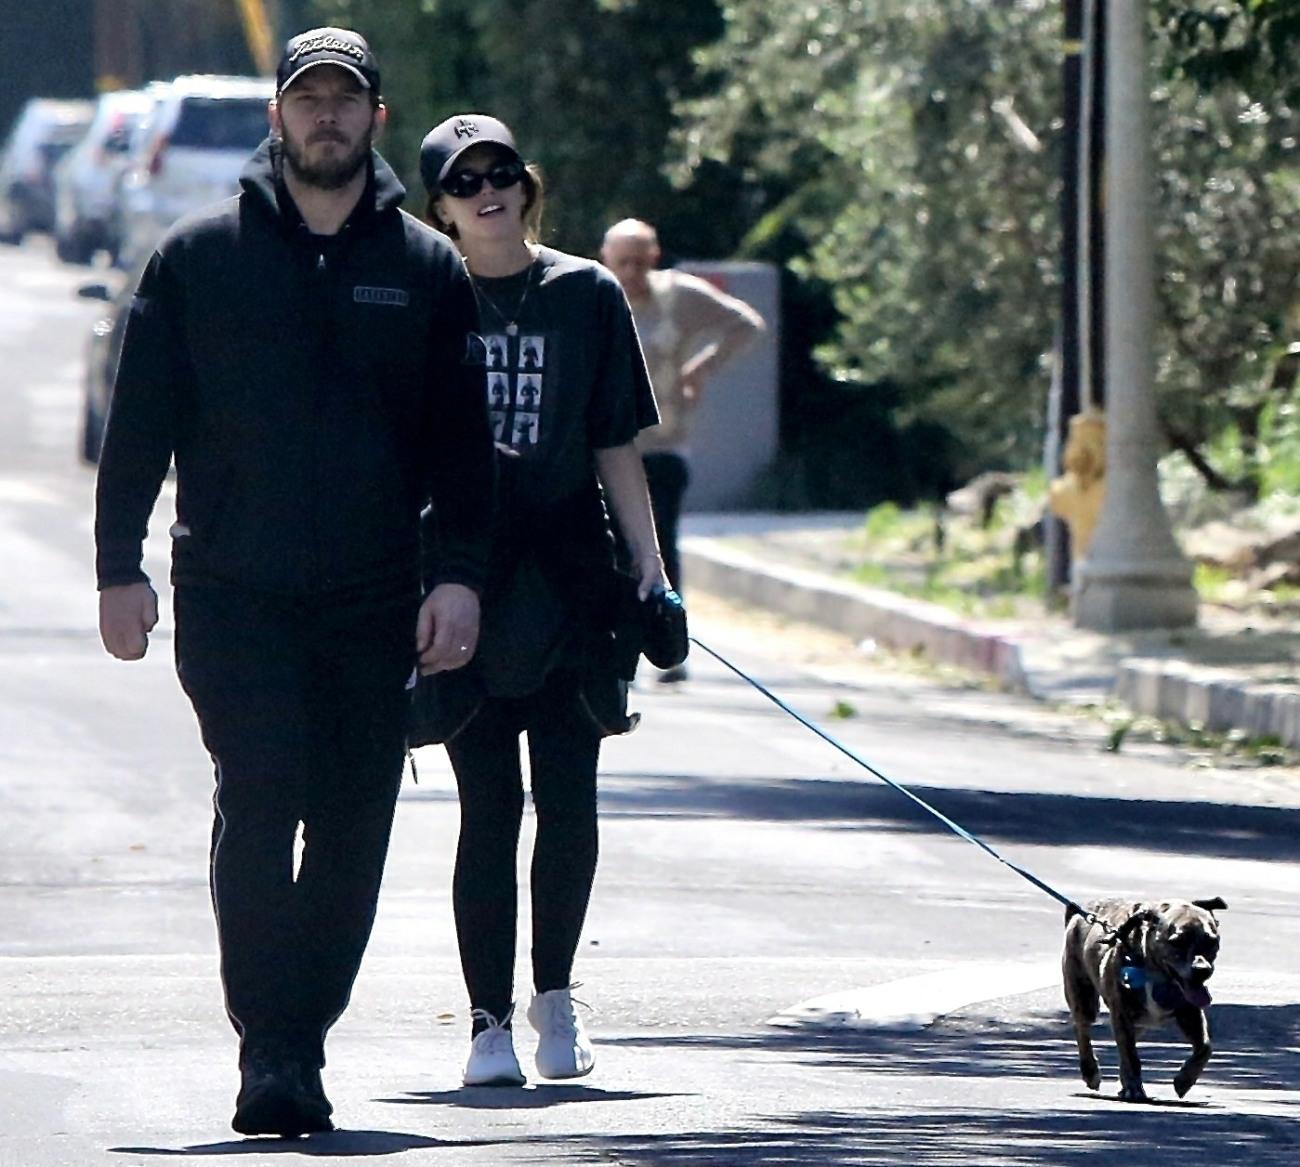 Chris Pratt and Katherine Schwarzenegger go for a walk the extended family